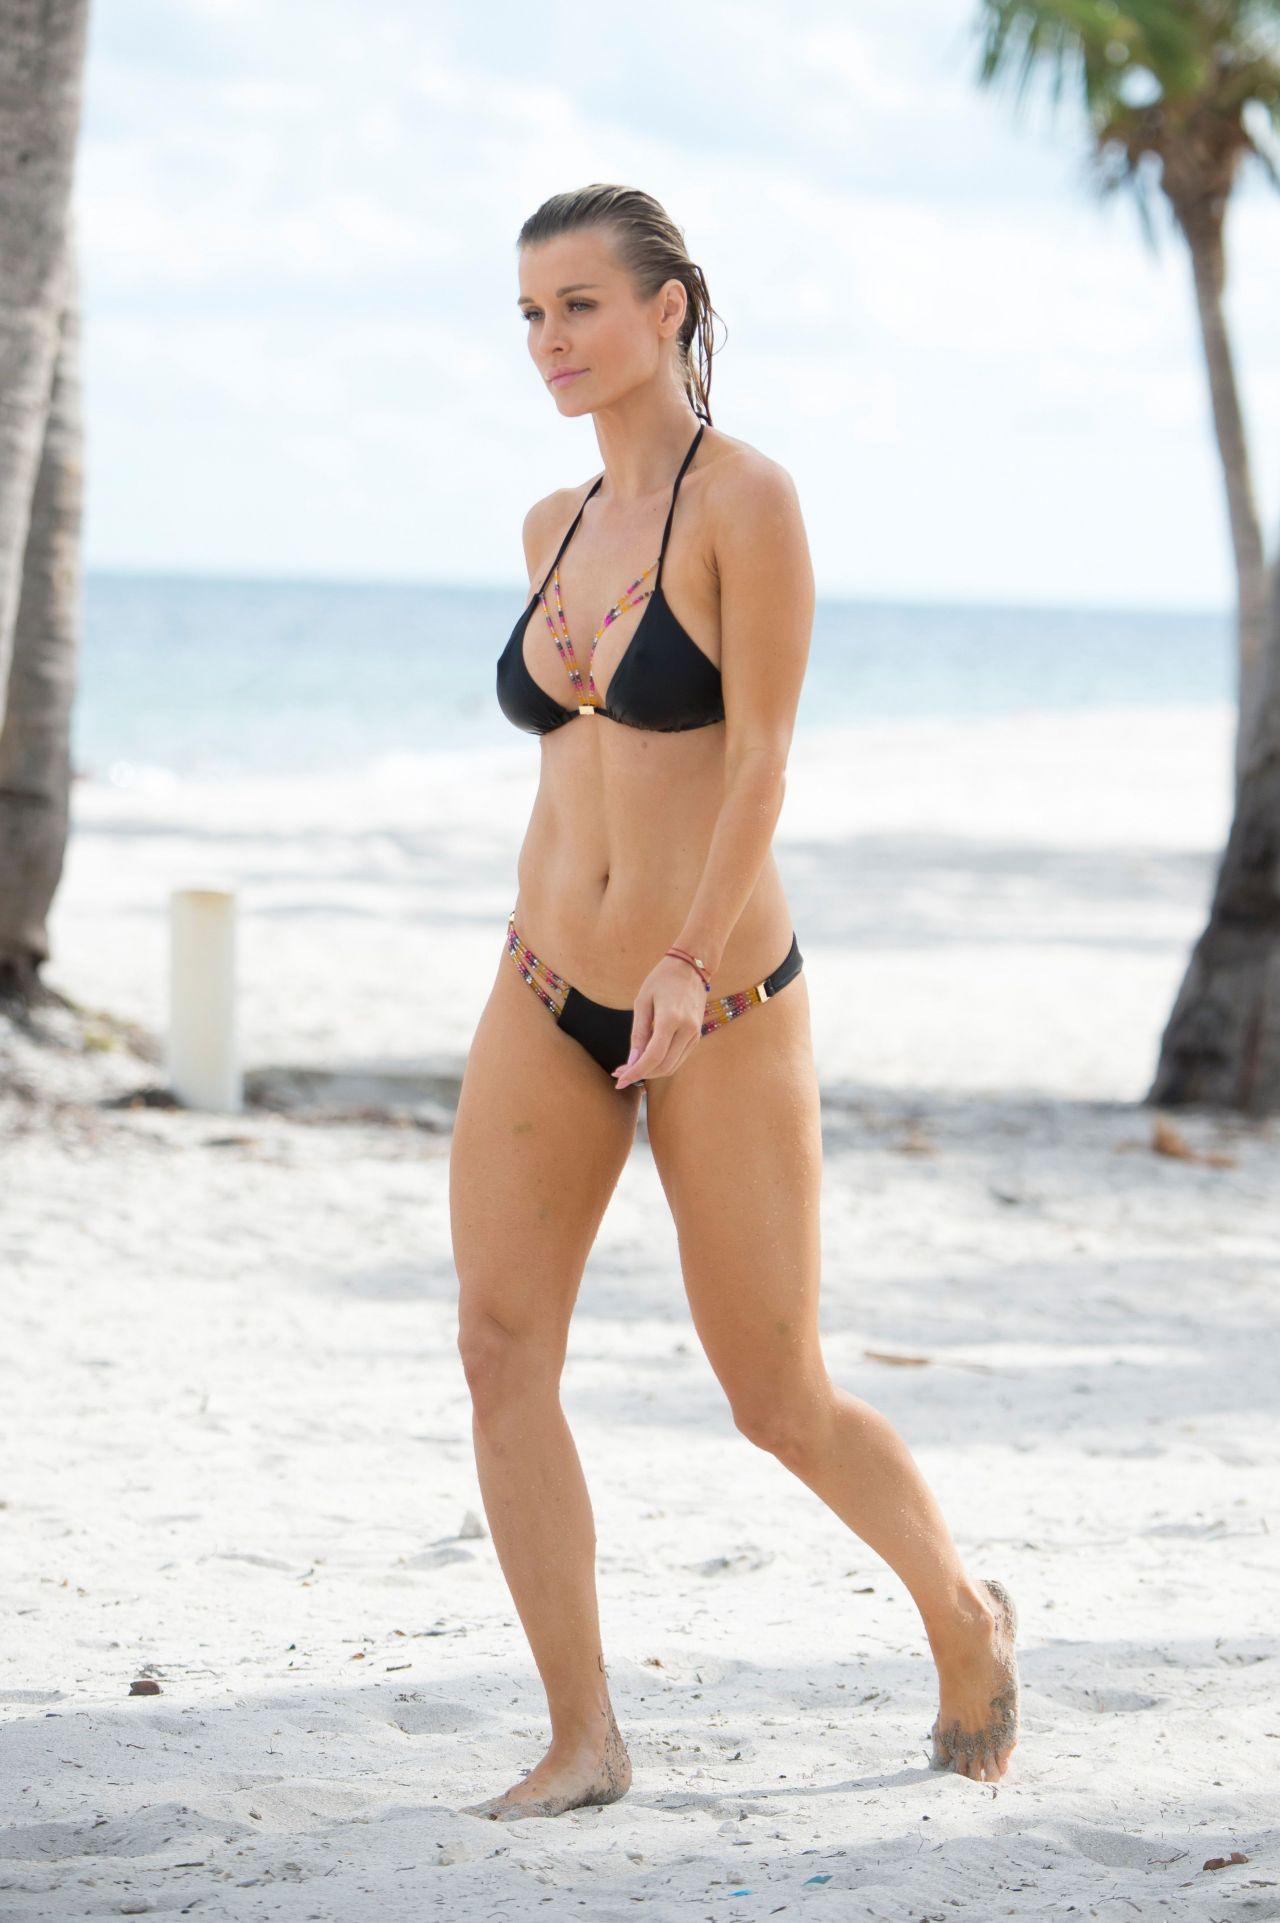 Joanna Krupa Hot in Bikini  Beach in Miami 1123 2016